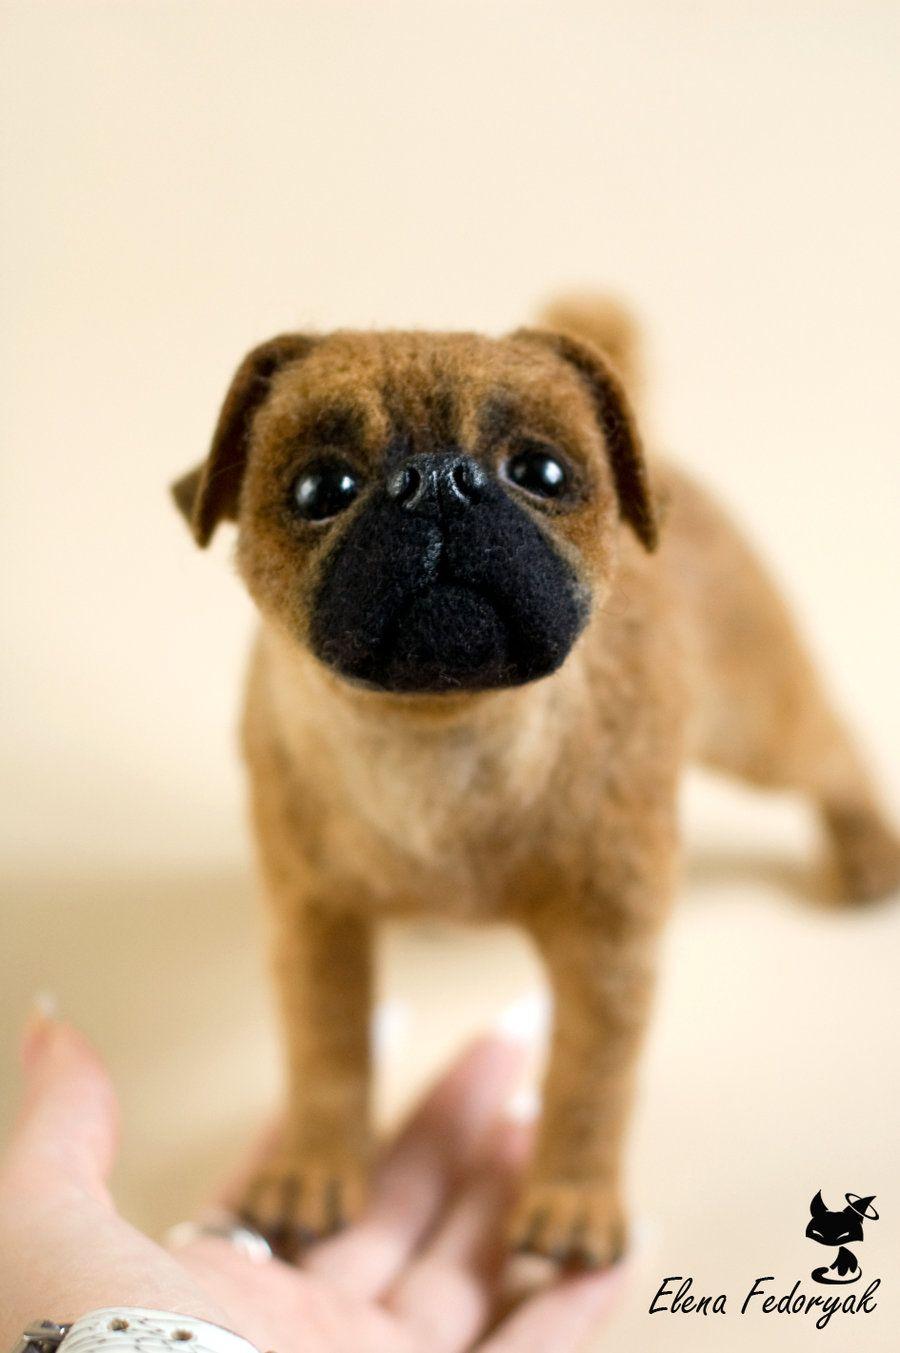 Petit Brabancon Needle Felted Dog Needle Felted Dog Felt Dogs Needle Felting